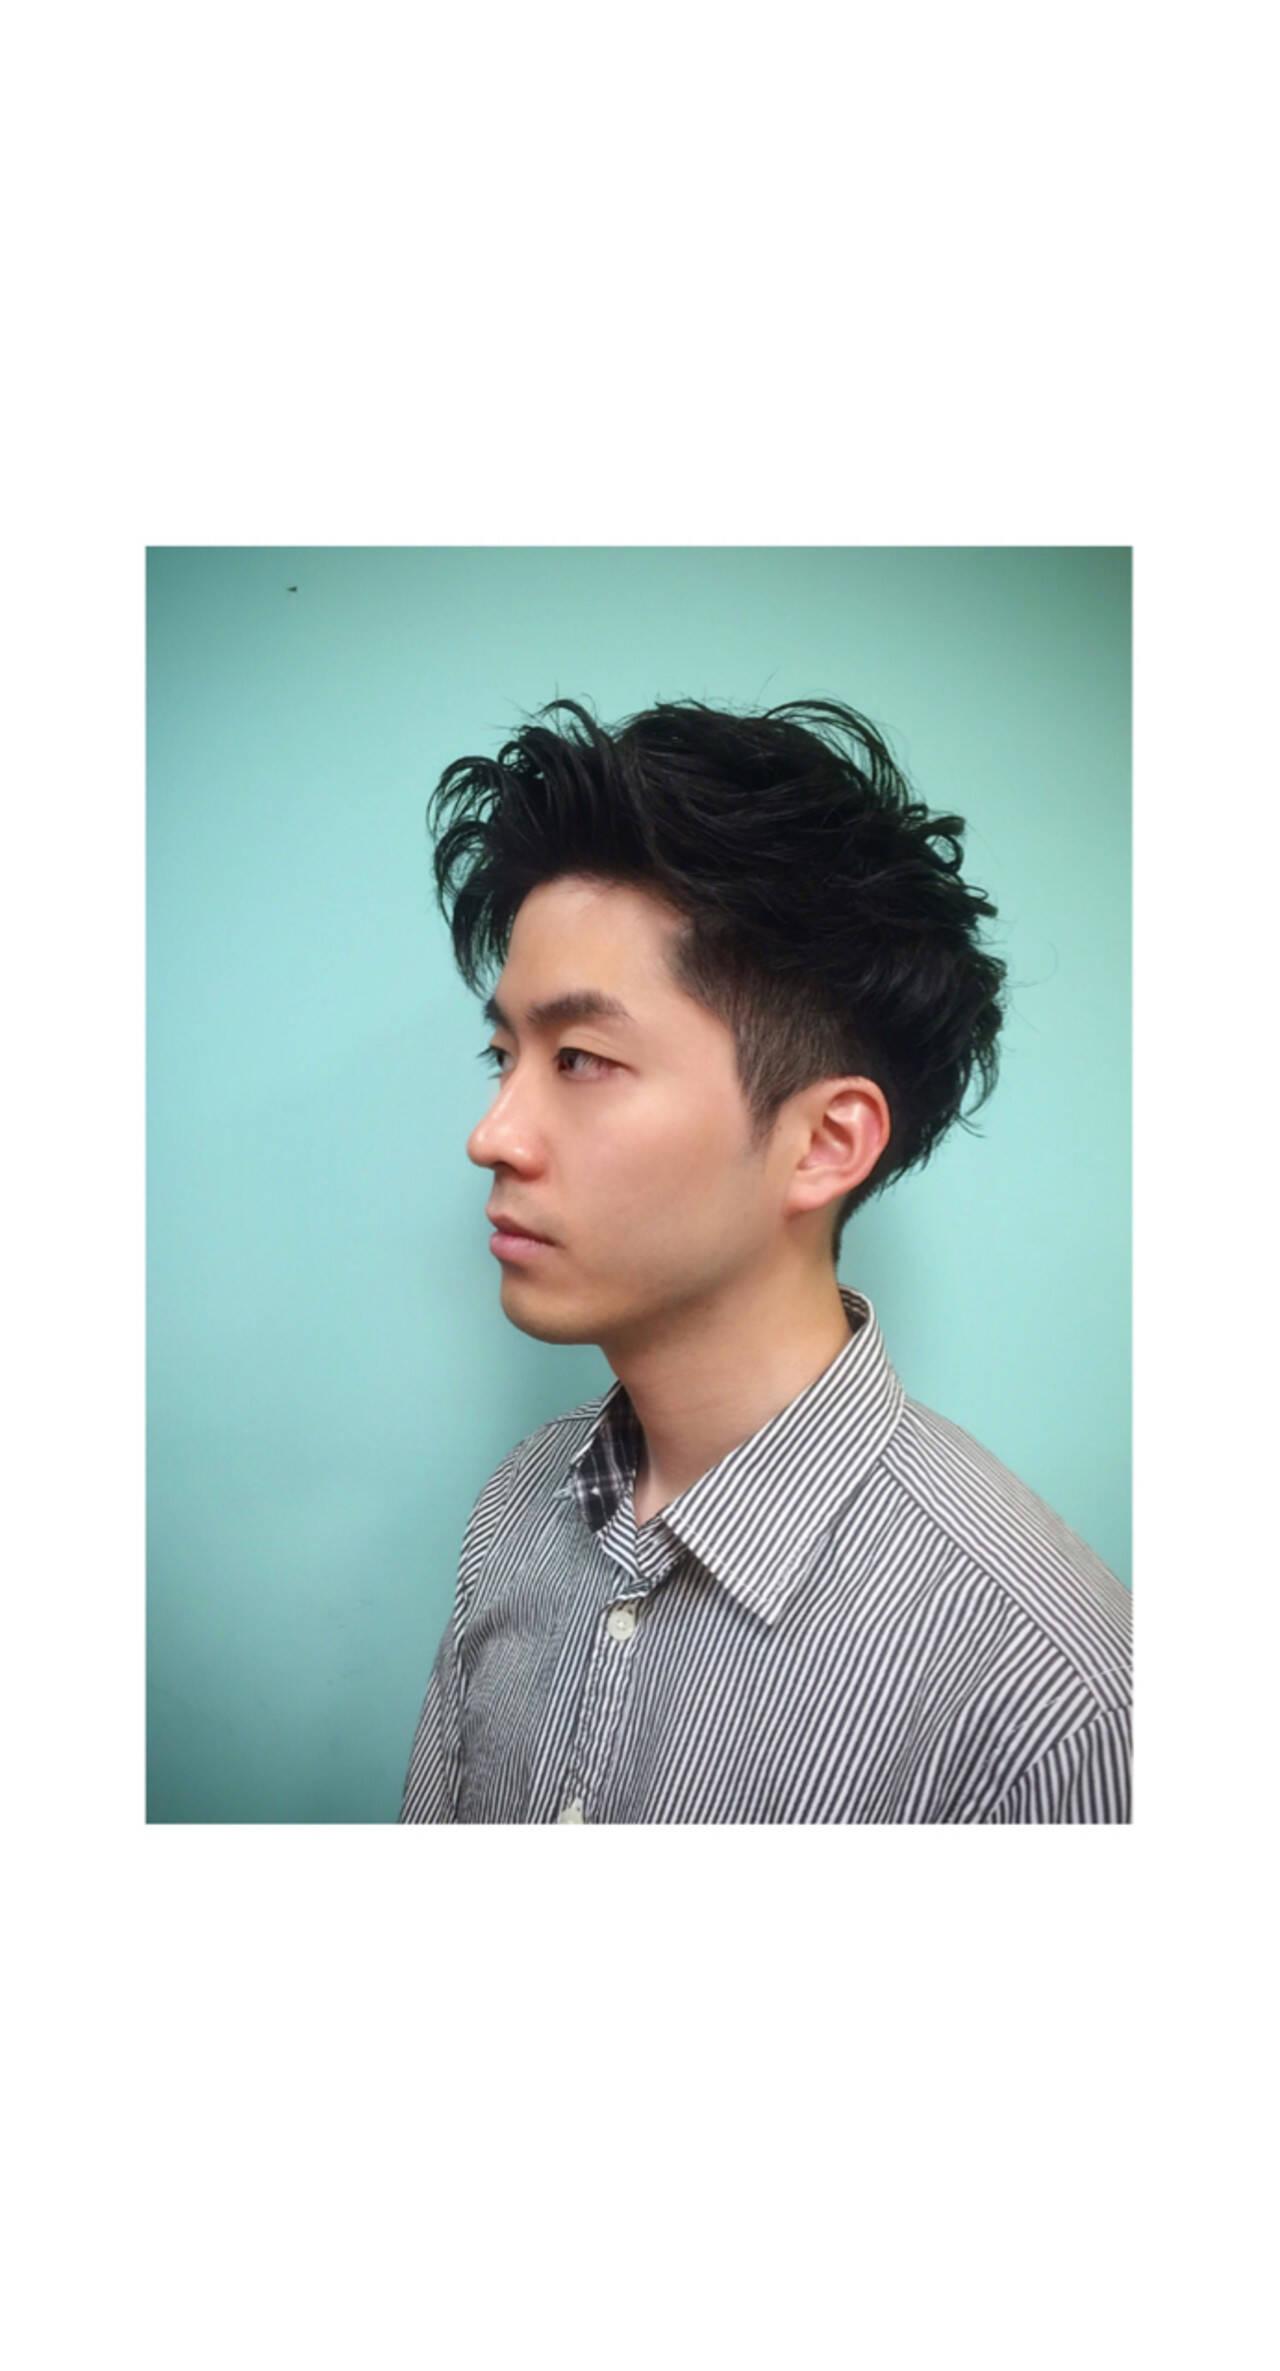 ショート パーマ 暗髪 モードヘアスタイルや髪型の写真・画像